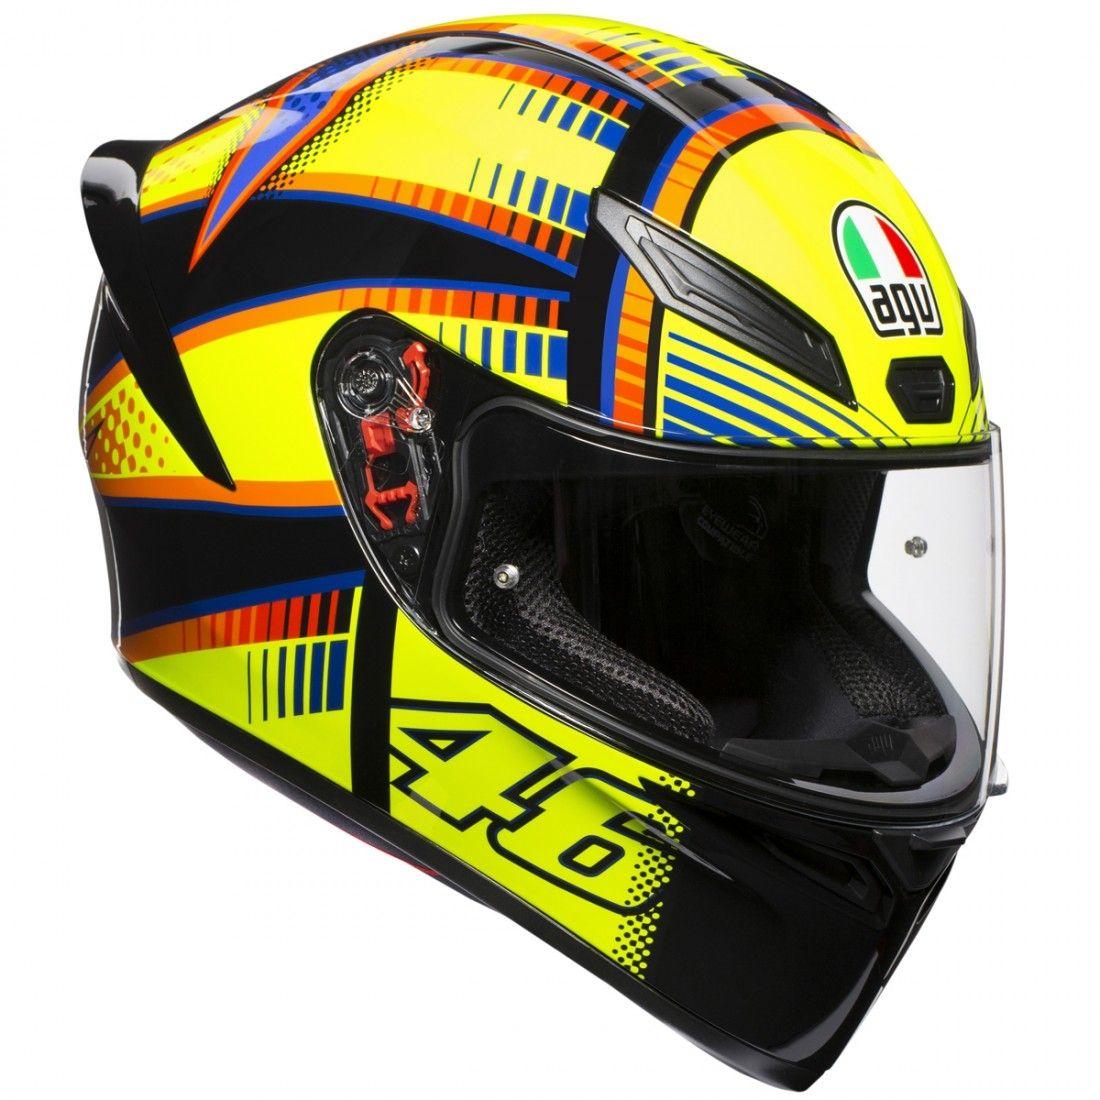 Capacete AGV K-1 Soleluna Valentino Rossi LANÇAMENTO!!!  - Planet Bike Shop Moto Acessórios